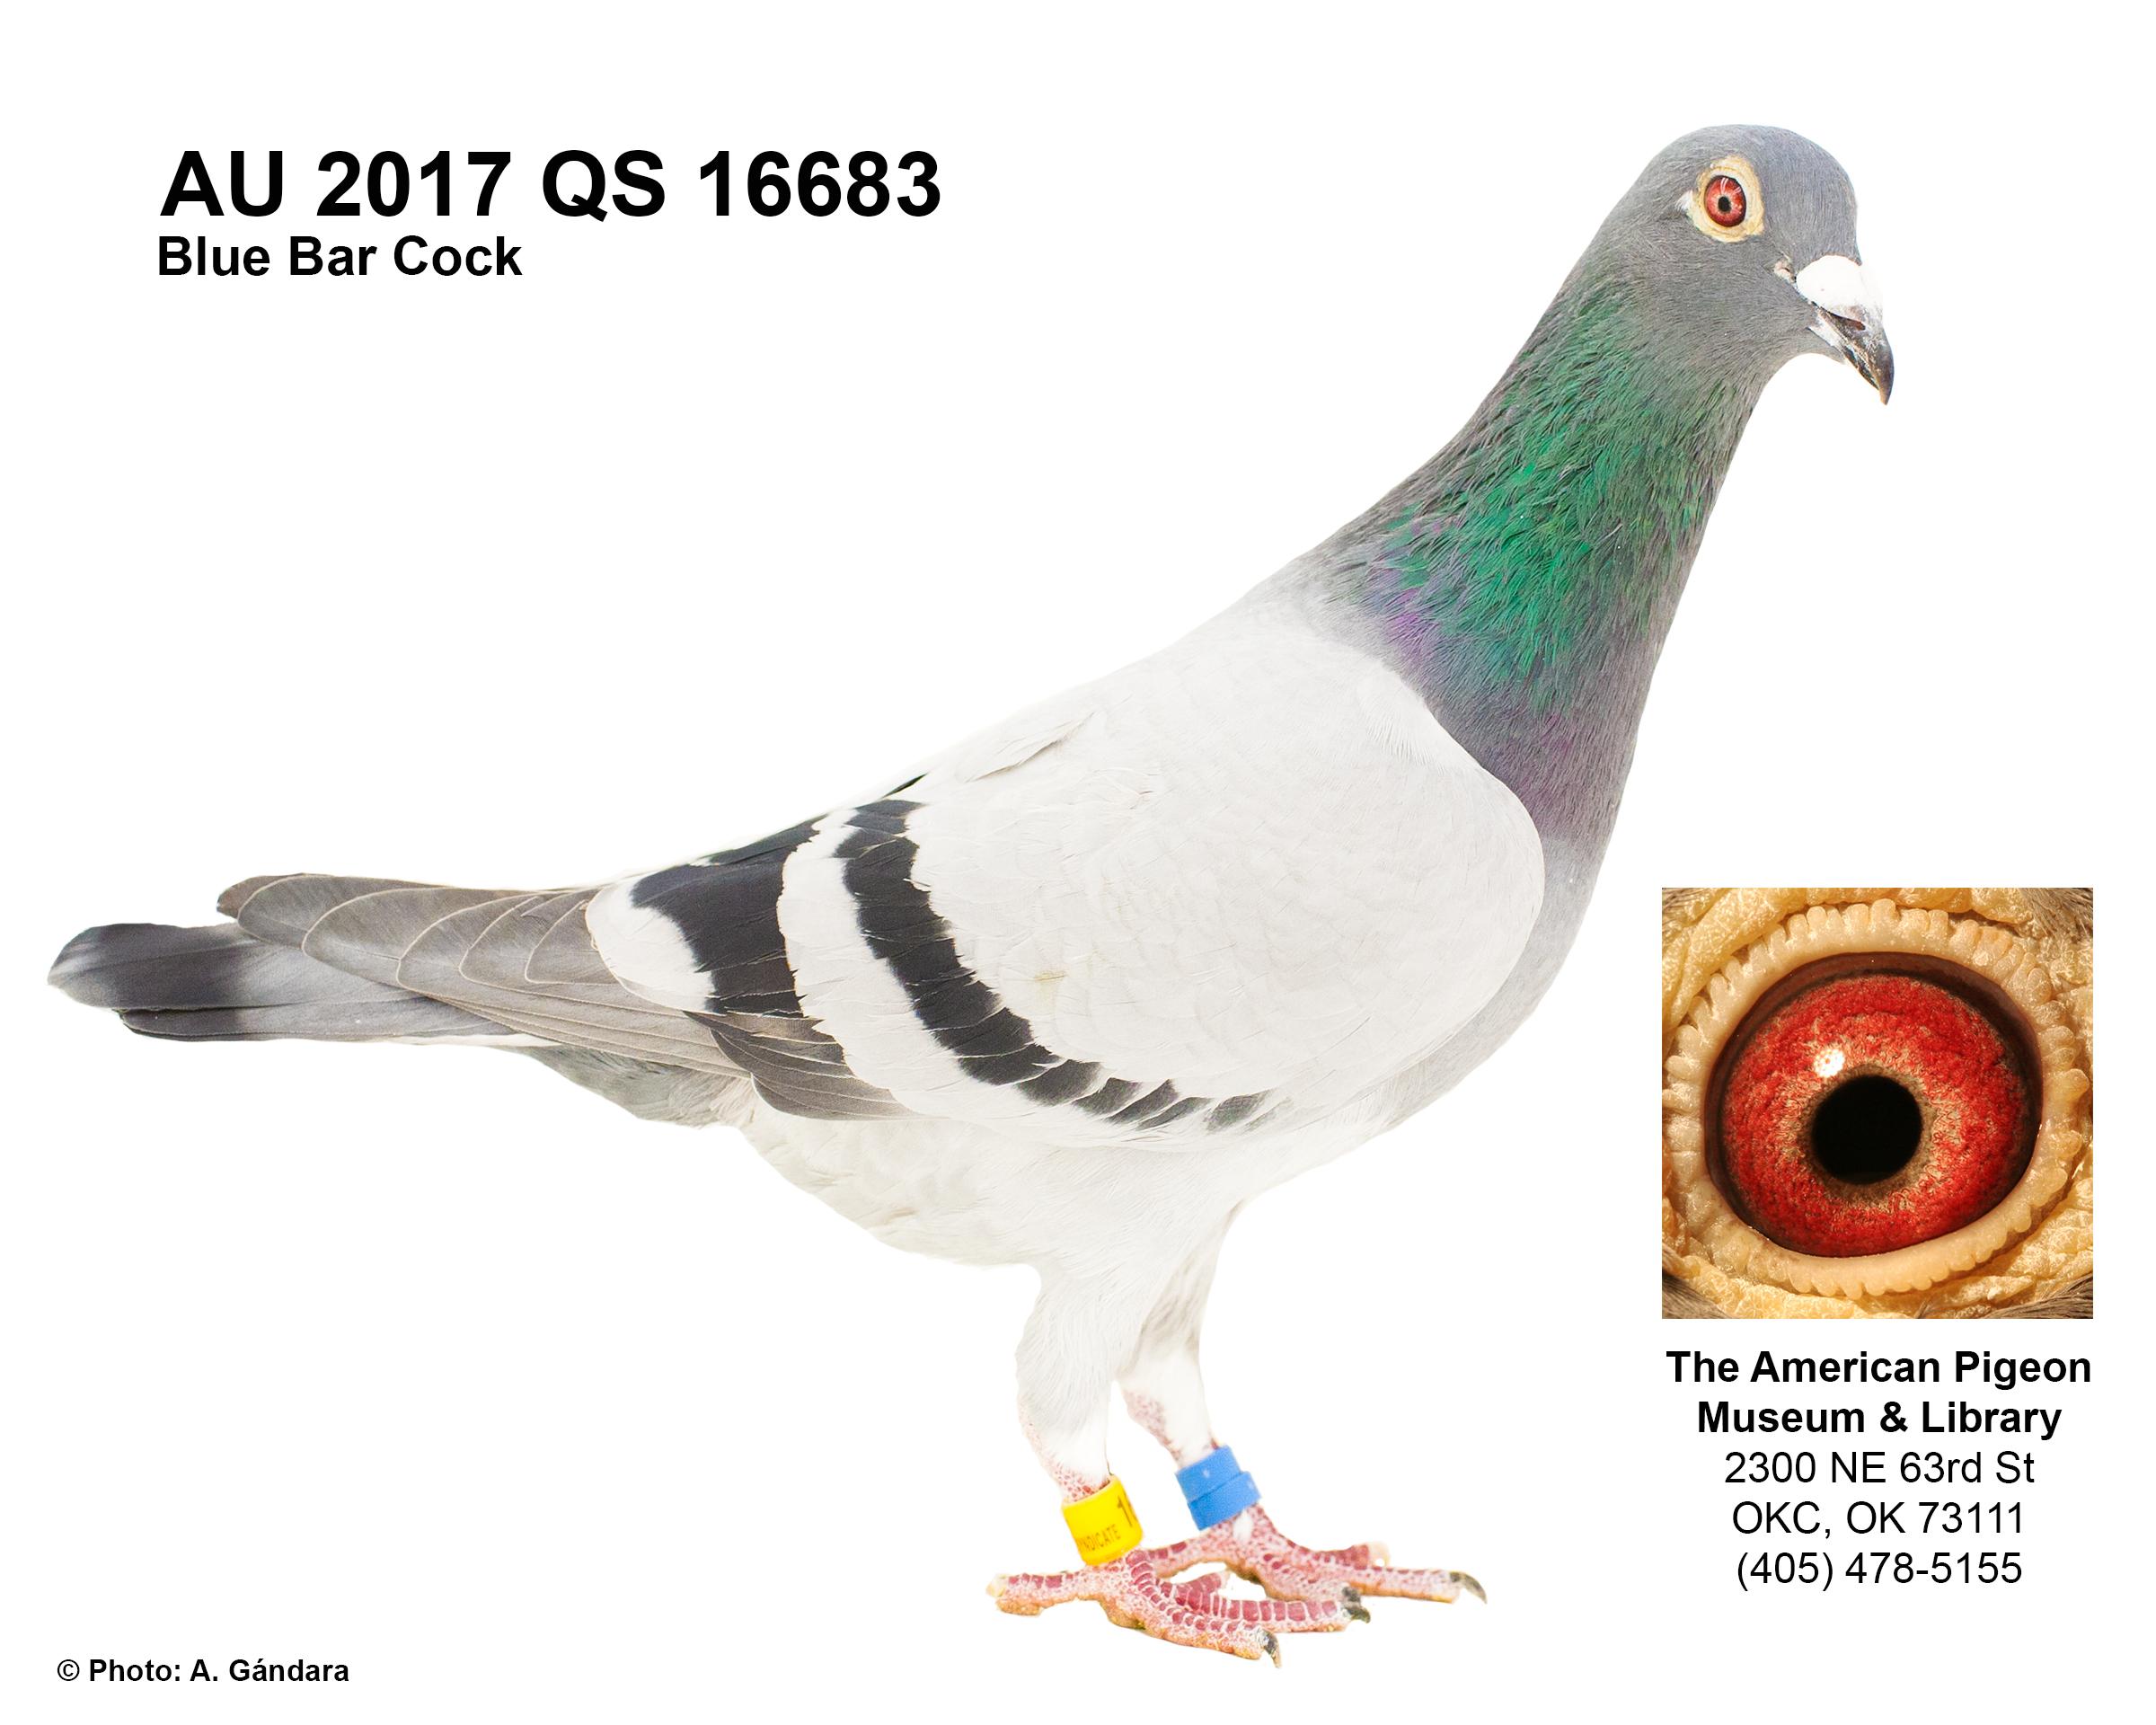 AU 17 QS 16683 BLUE BAR COCK